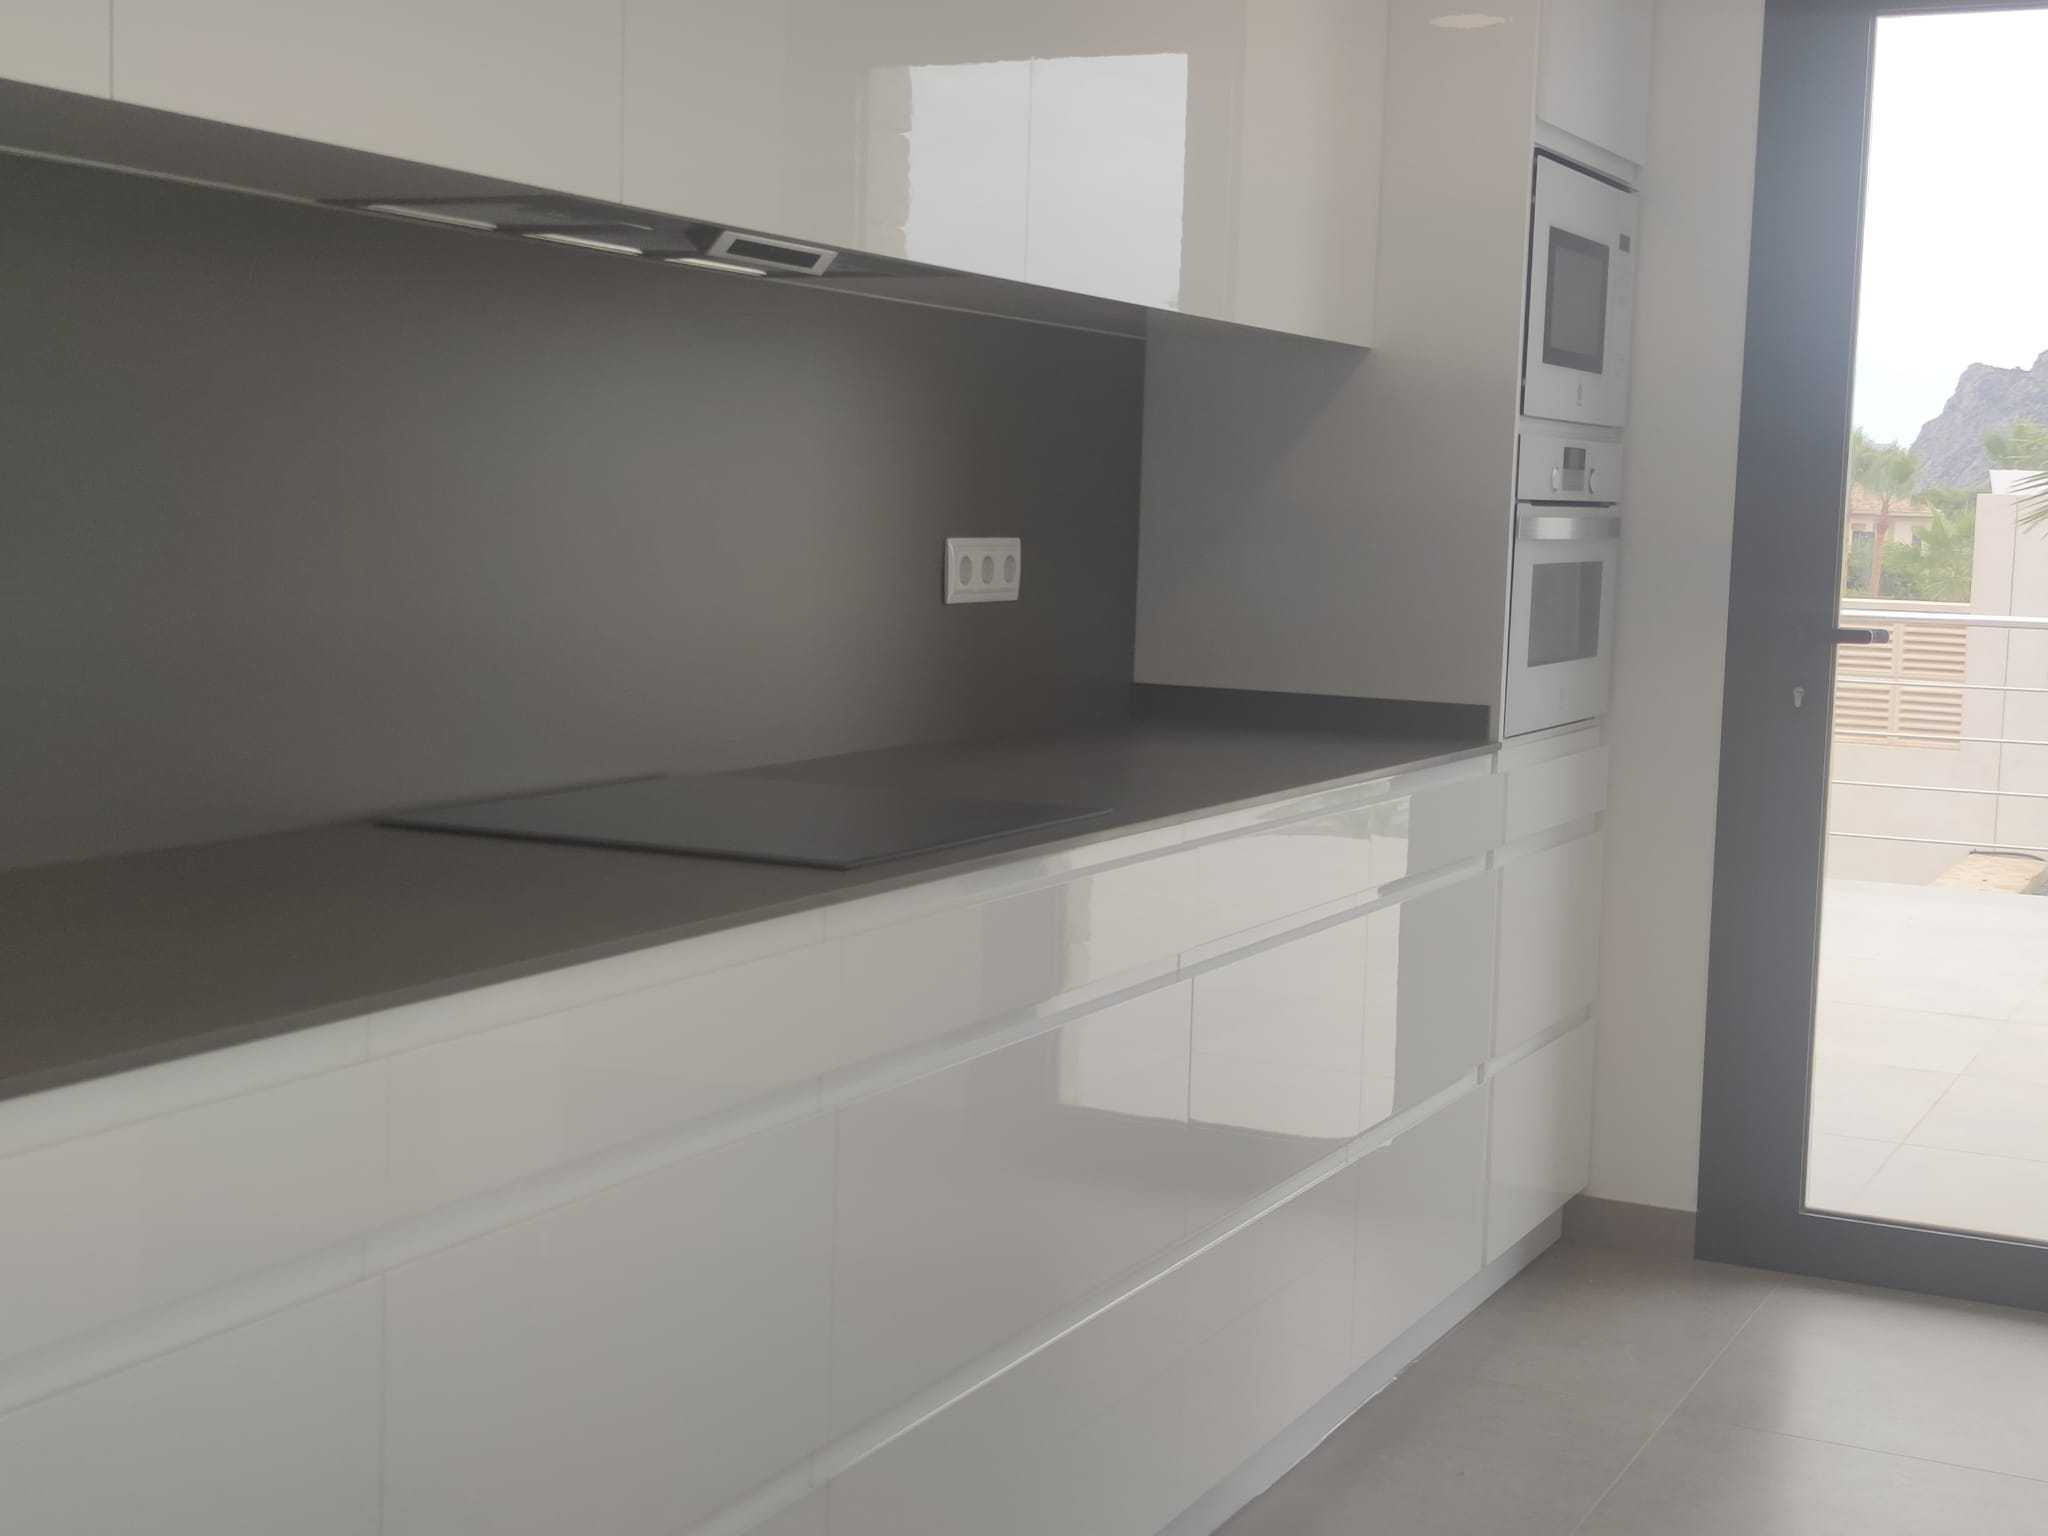 Fotogalería - 7 - Olea-Home | Real Estate en Orba y Teulada-Moraira |